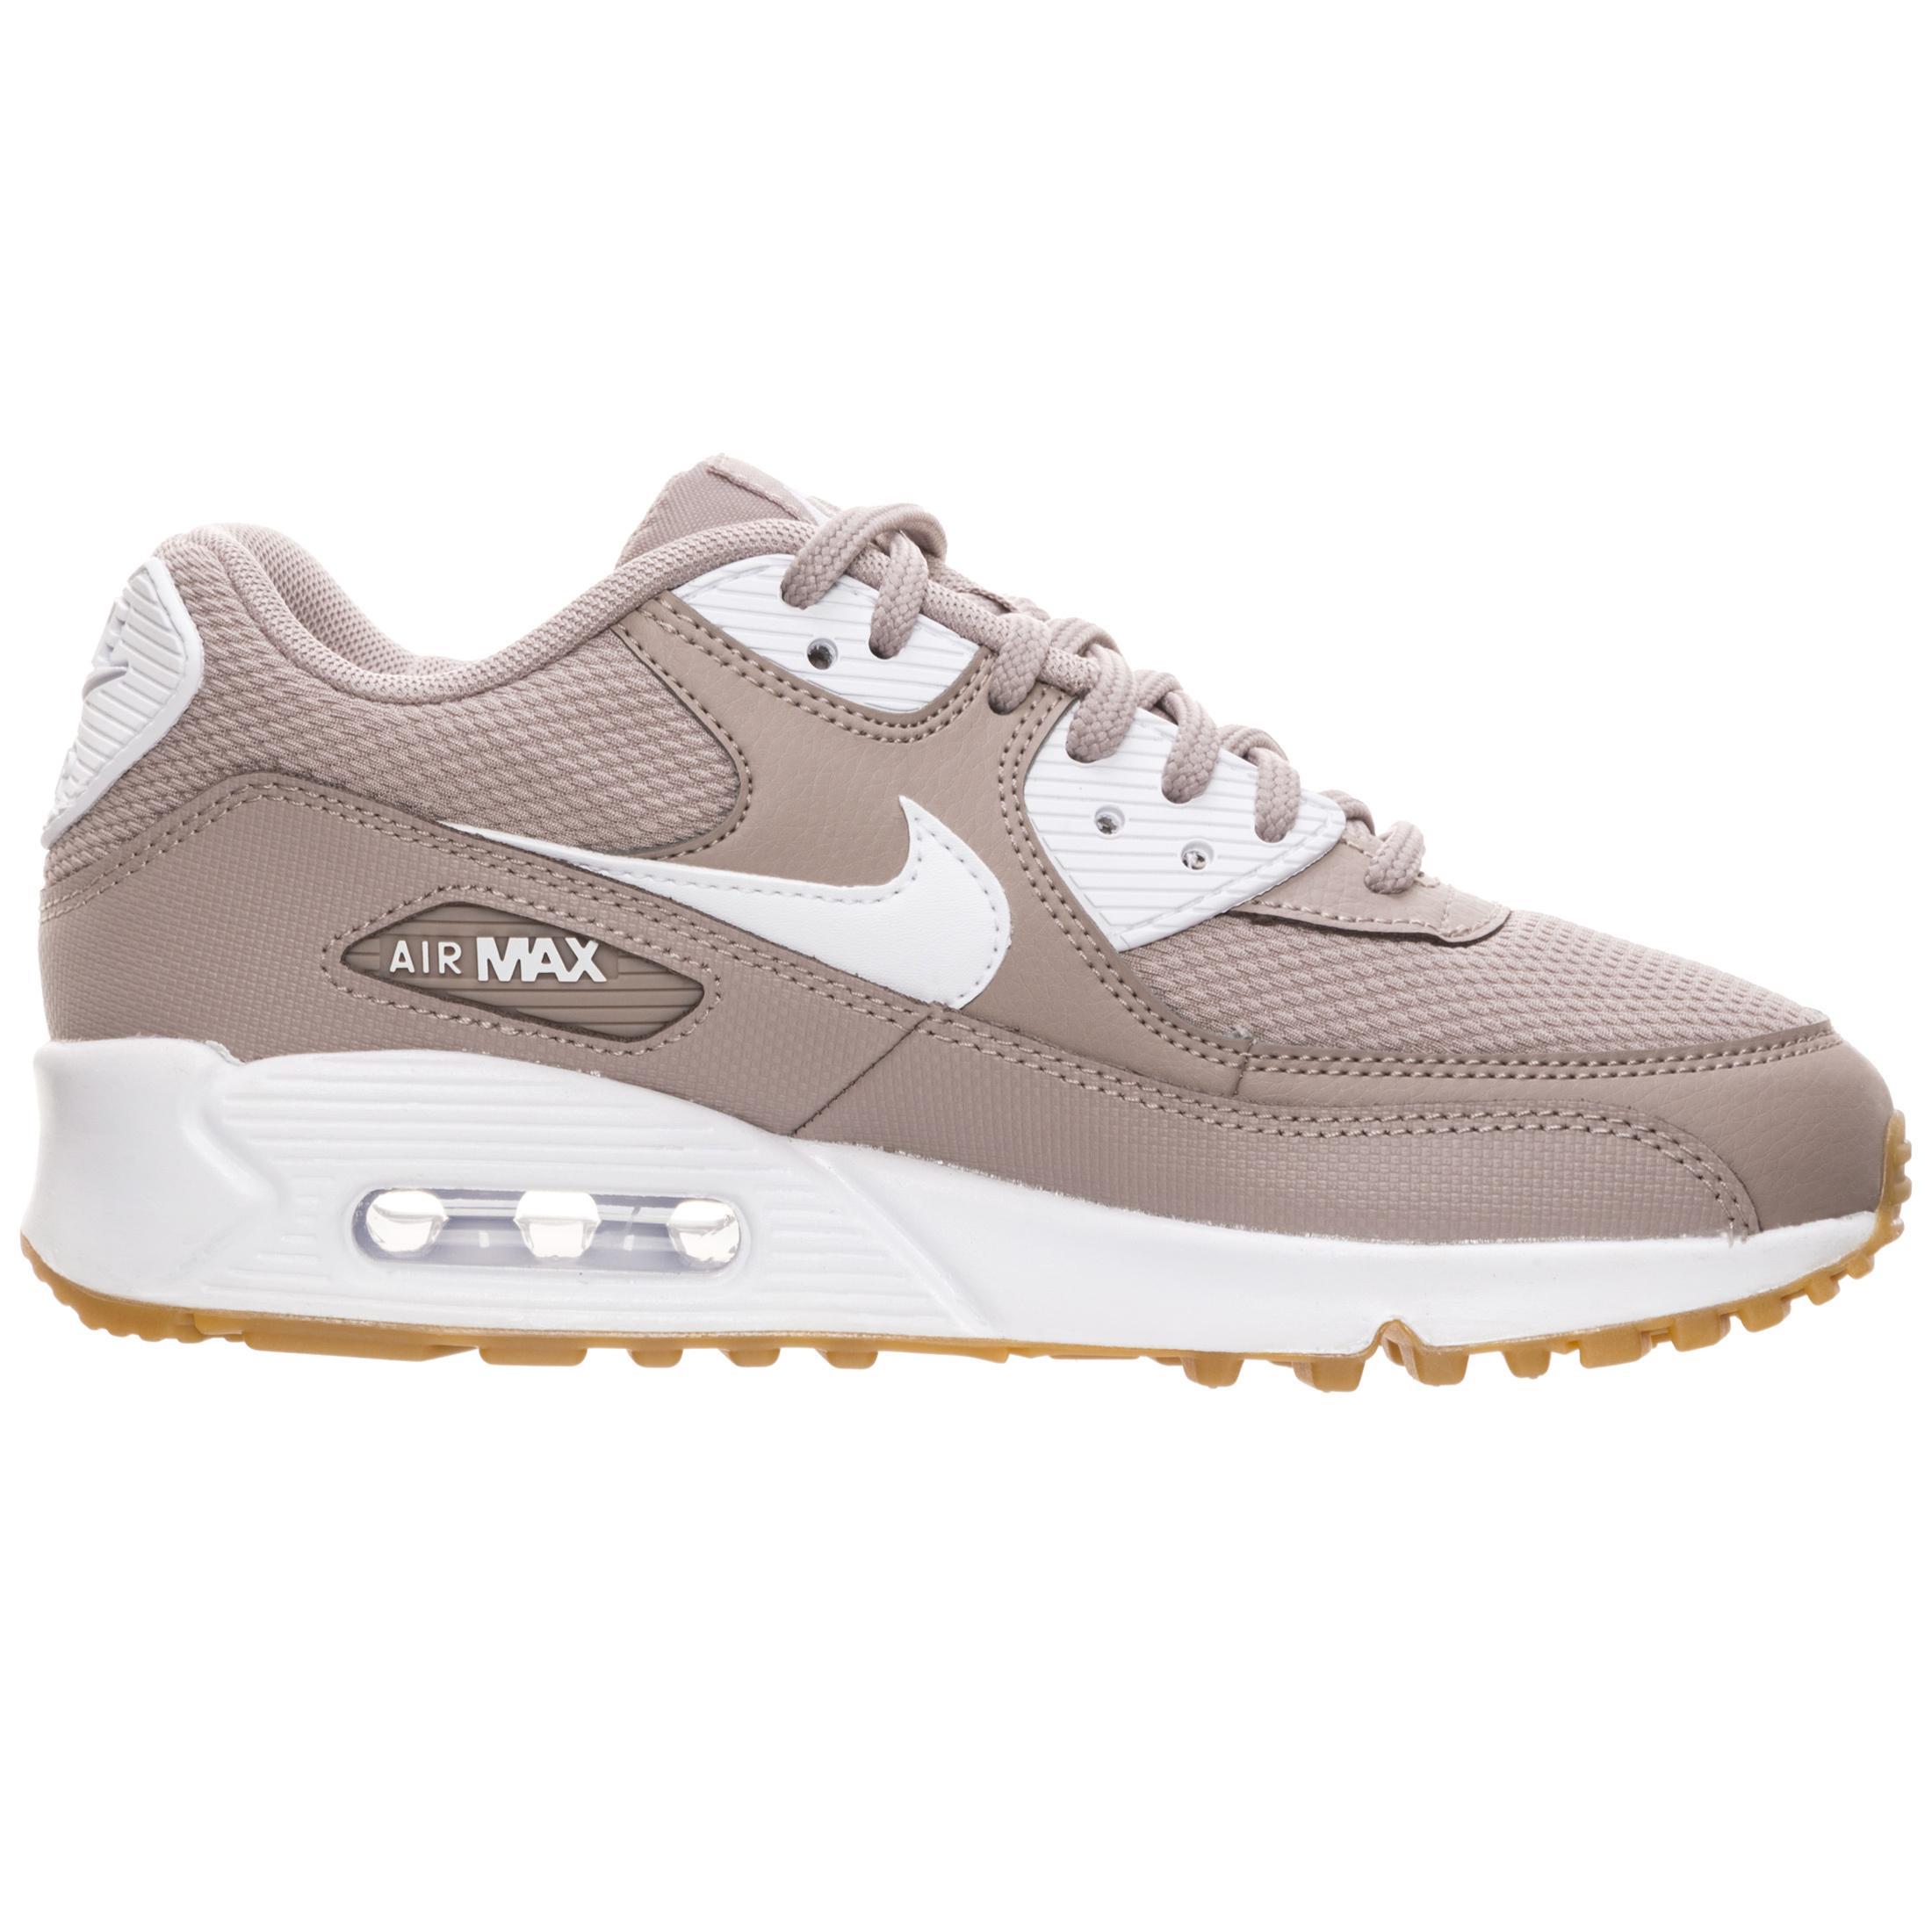 Nike Air Max 90 Turnschuhe Damen rosa / weiß Online im Online weiß Shop von SportScheck kaufen Gute Qualität beliebte Schuhe 20dcc9